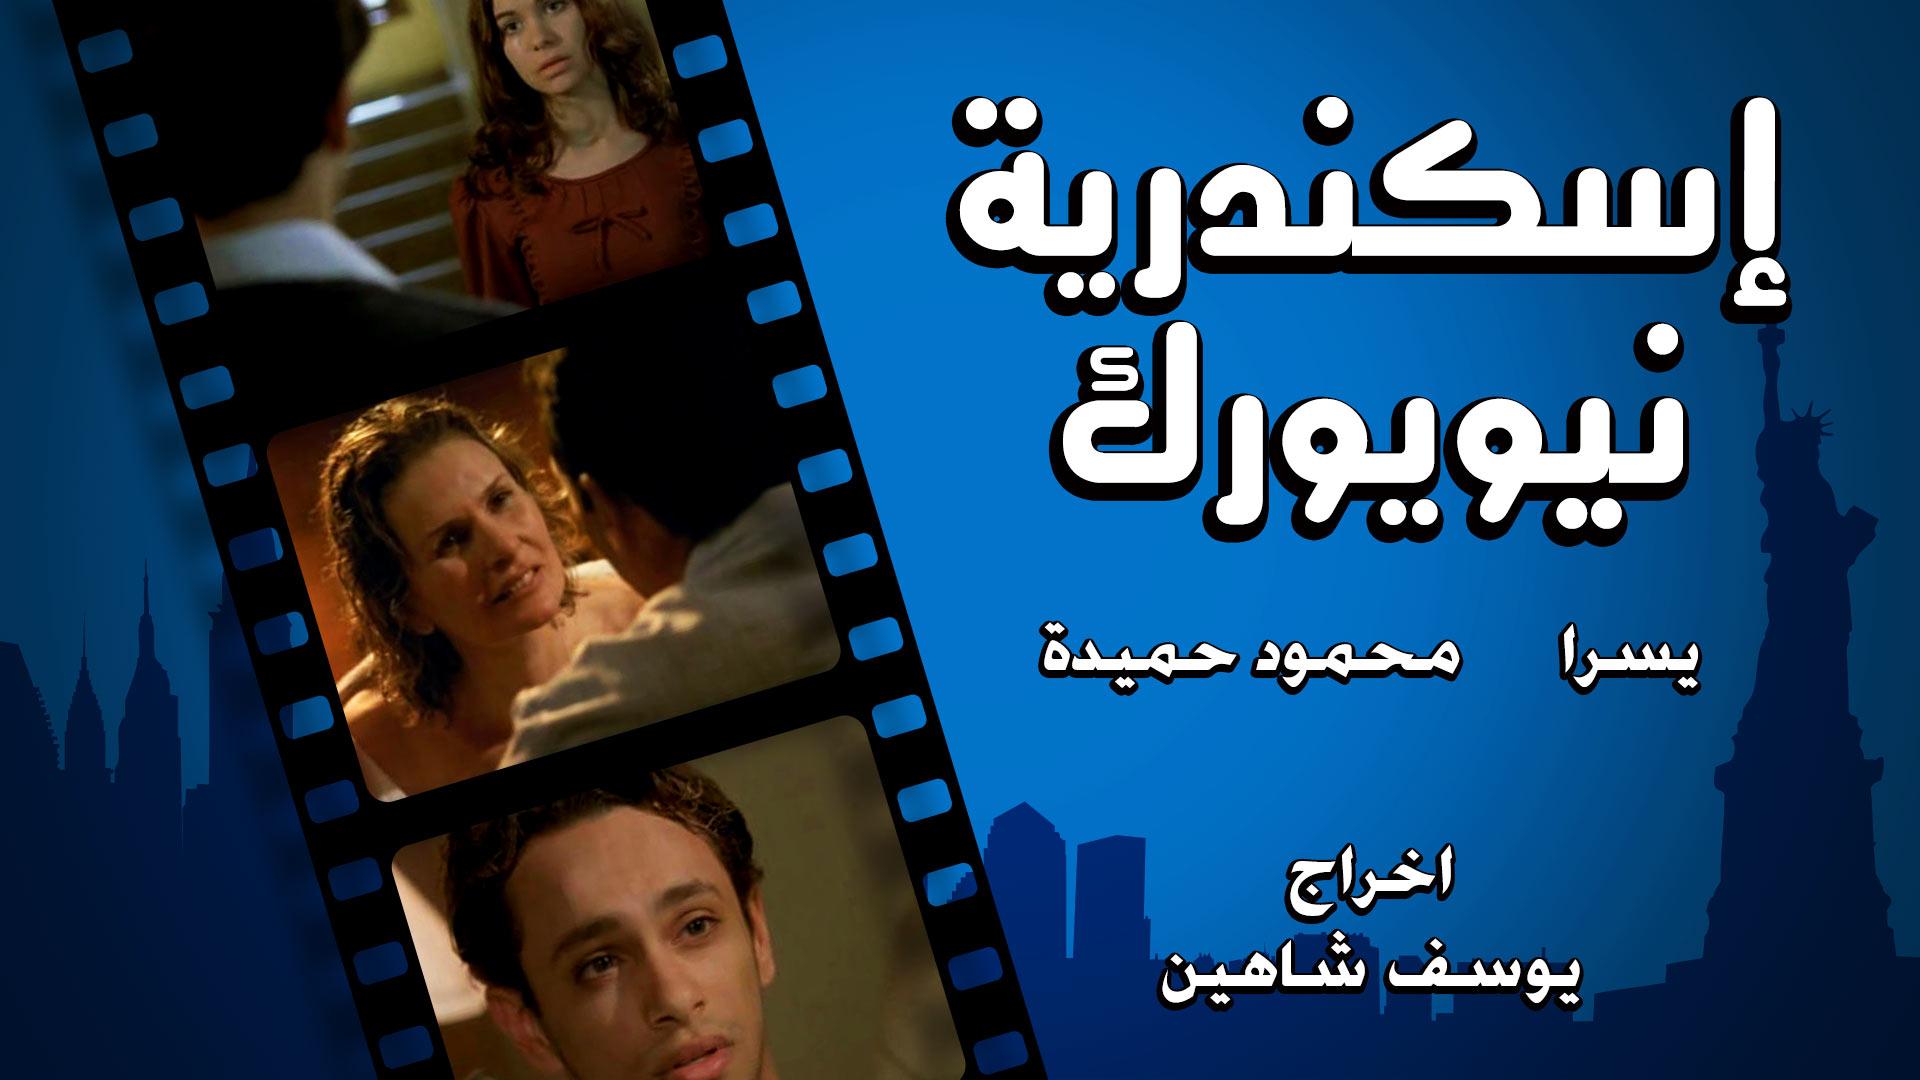 [فيلم][تورنت][تحميل][اسكندرية نيويورك][2004][720p][Web-DL] 2 arabp2p.com